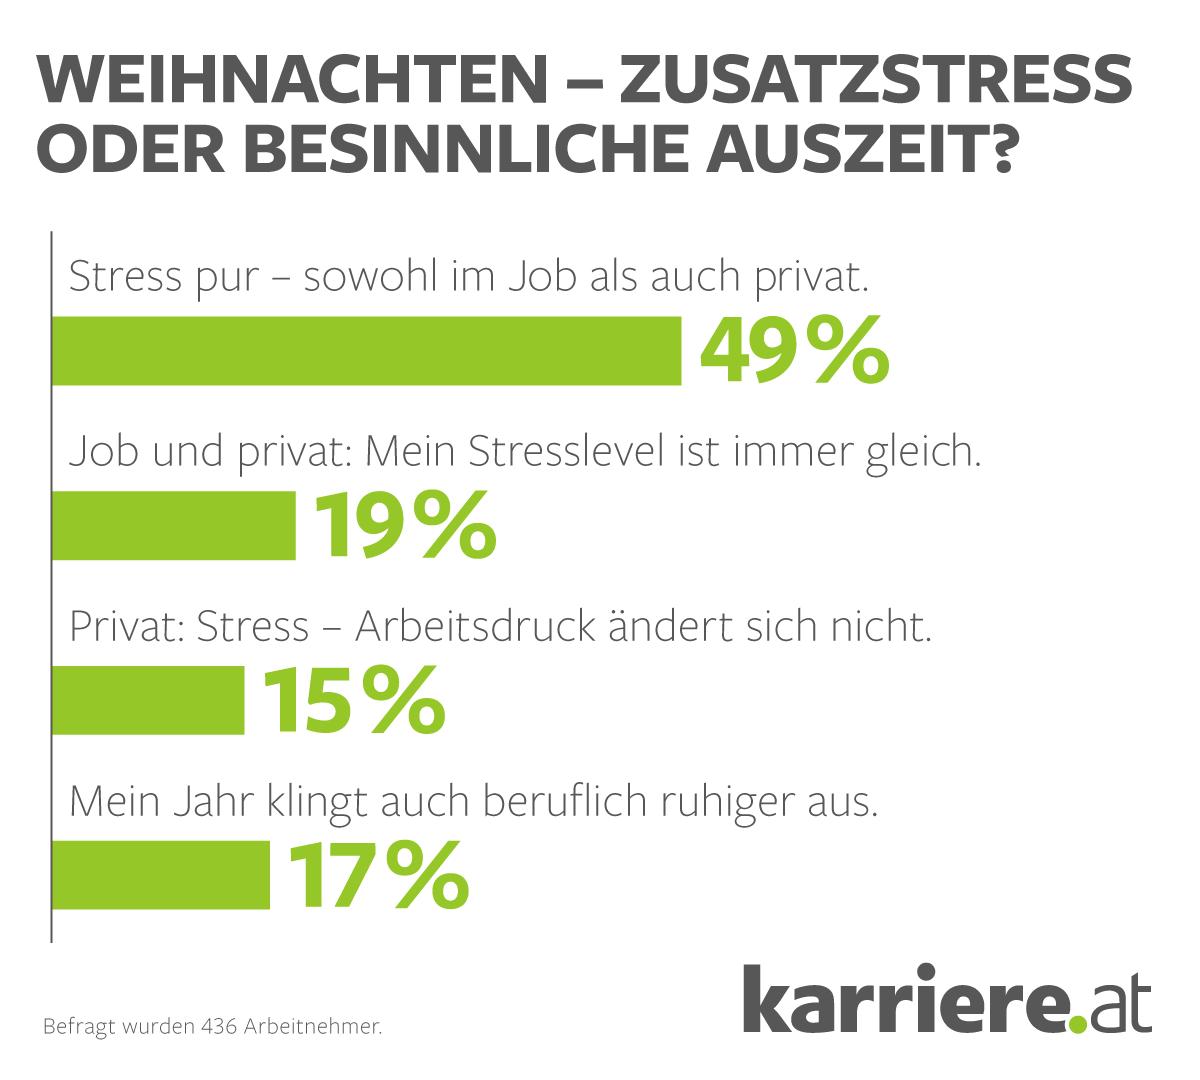 Weihnachten - ein Fest im Wandel der Zeit | comrecon.com